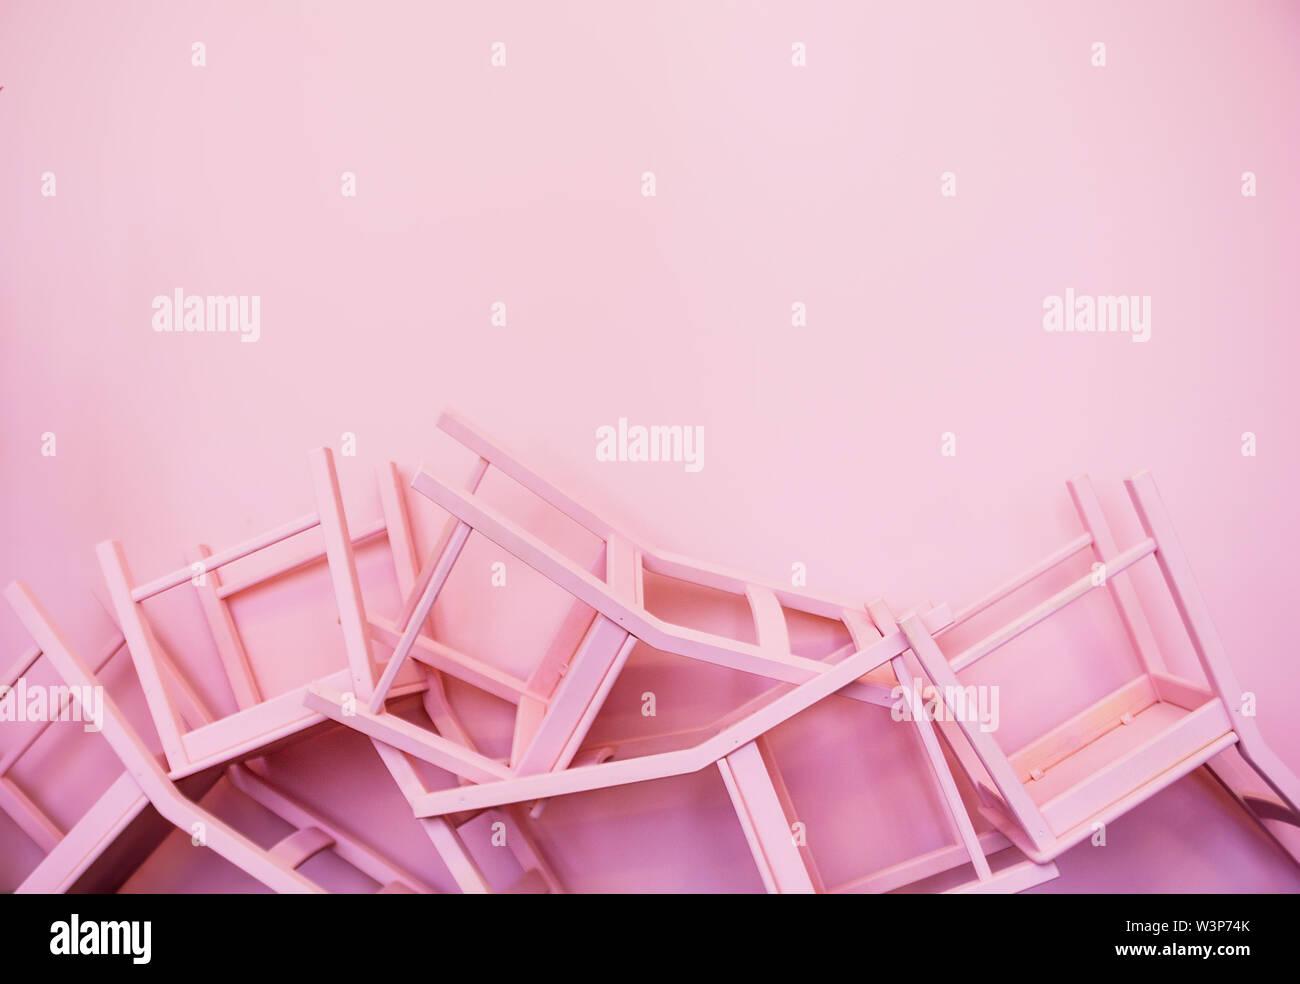 De nombreuses chaises rose à l'envers dans le contexte d'un mur rose Banque D'Images